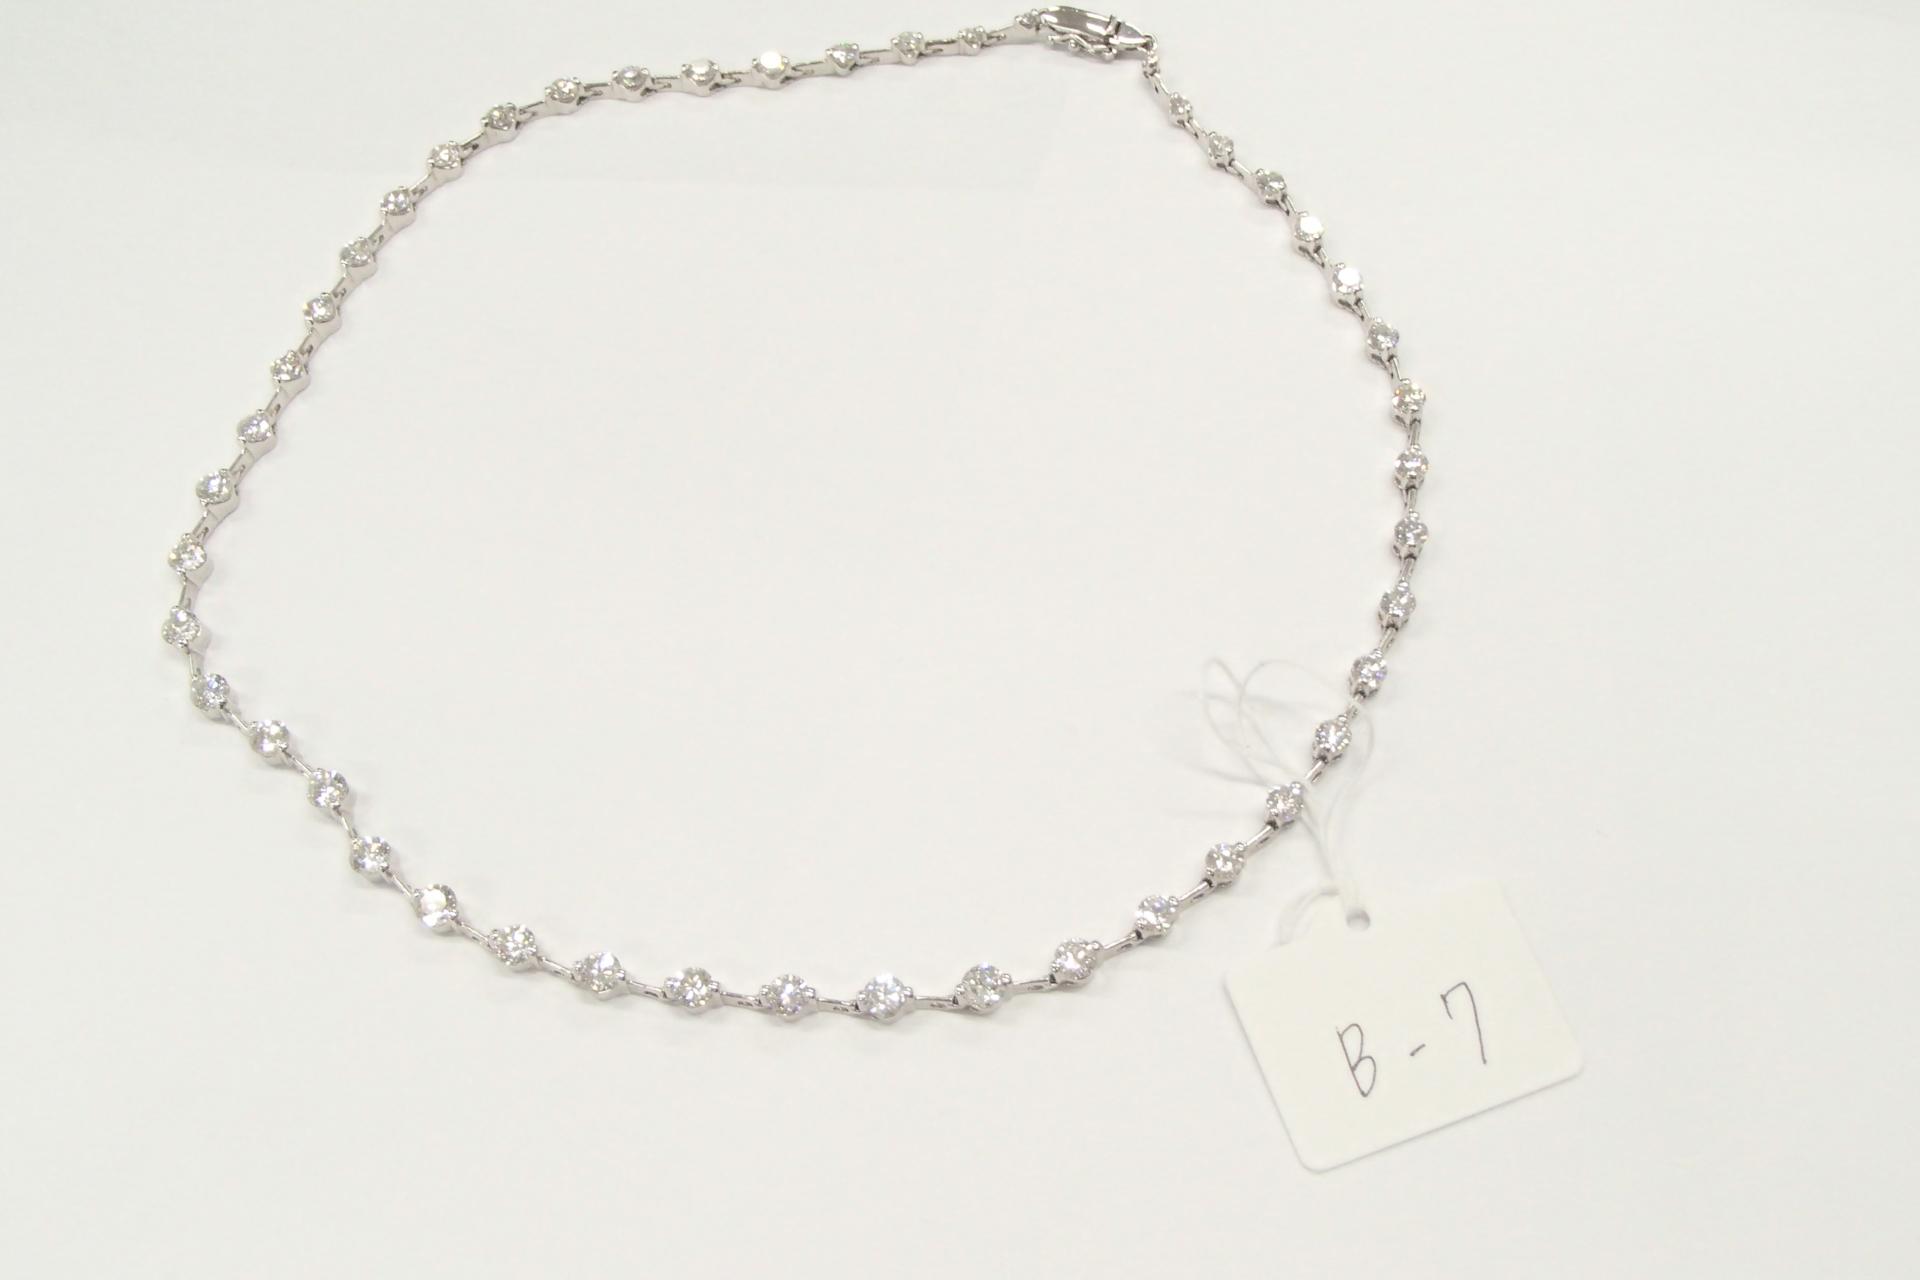 ダイヤのネックレスを高額買取しました! 神奈川県のお客様